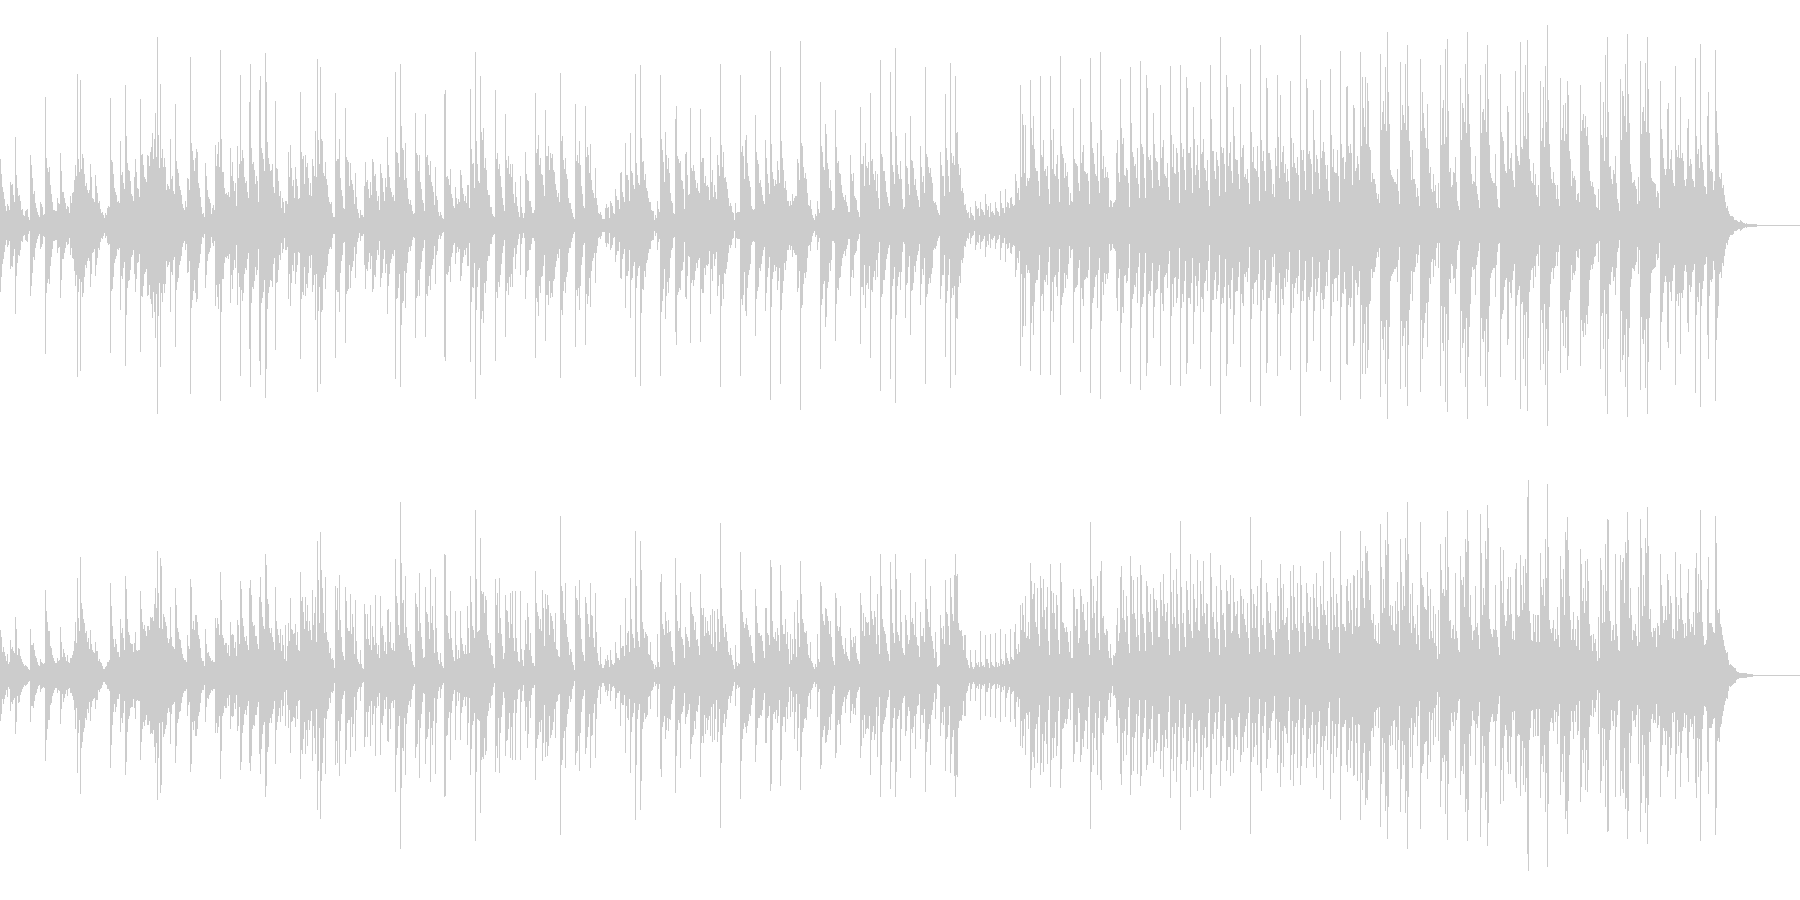 Ikkiuchi Shimedaikoの未再生の波形